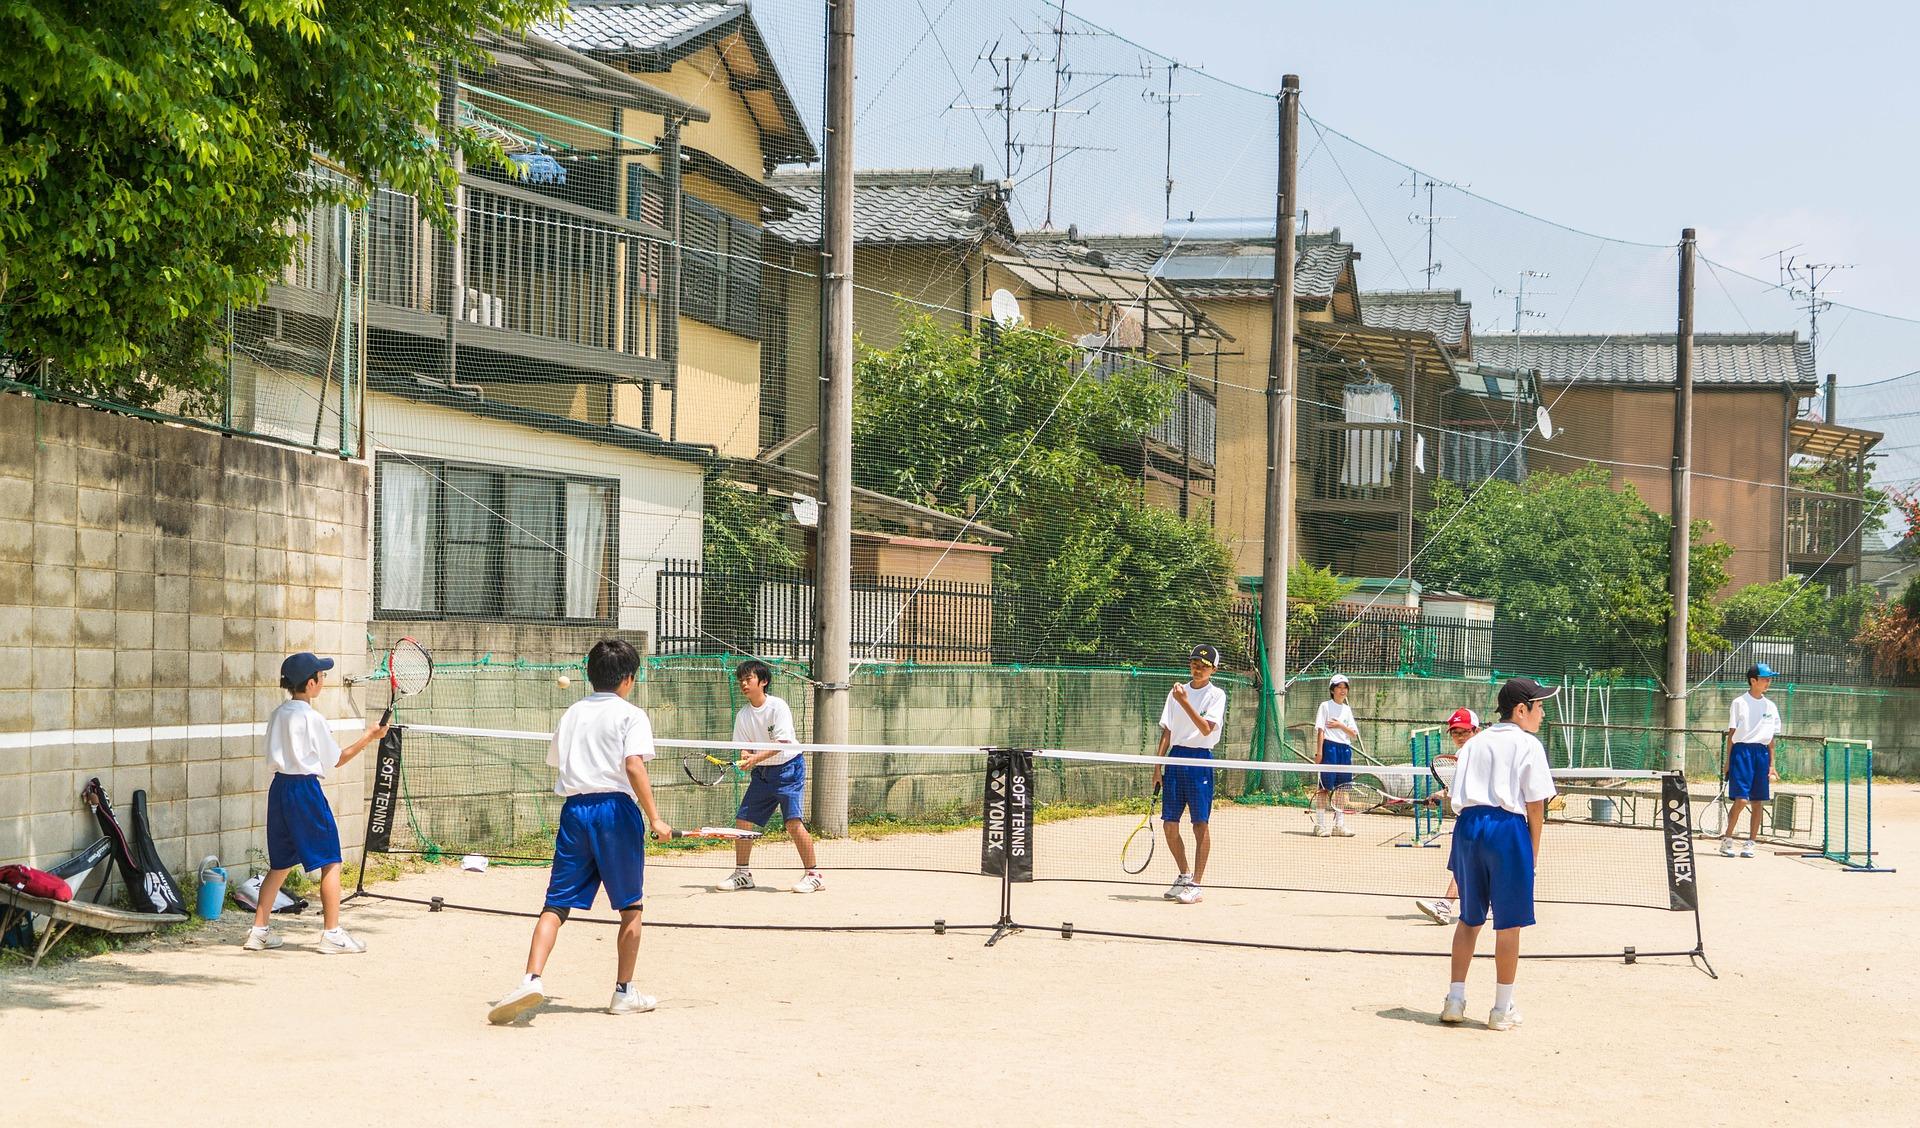 В государственных школах Японии в префектуре Сага больше не будут проверять цвет нижнего белья у учащихся